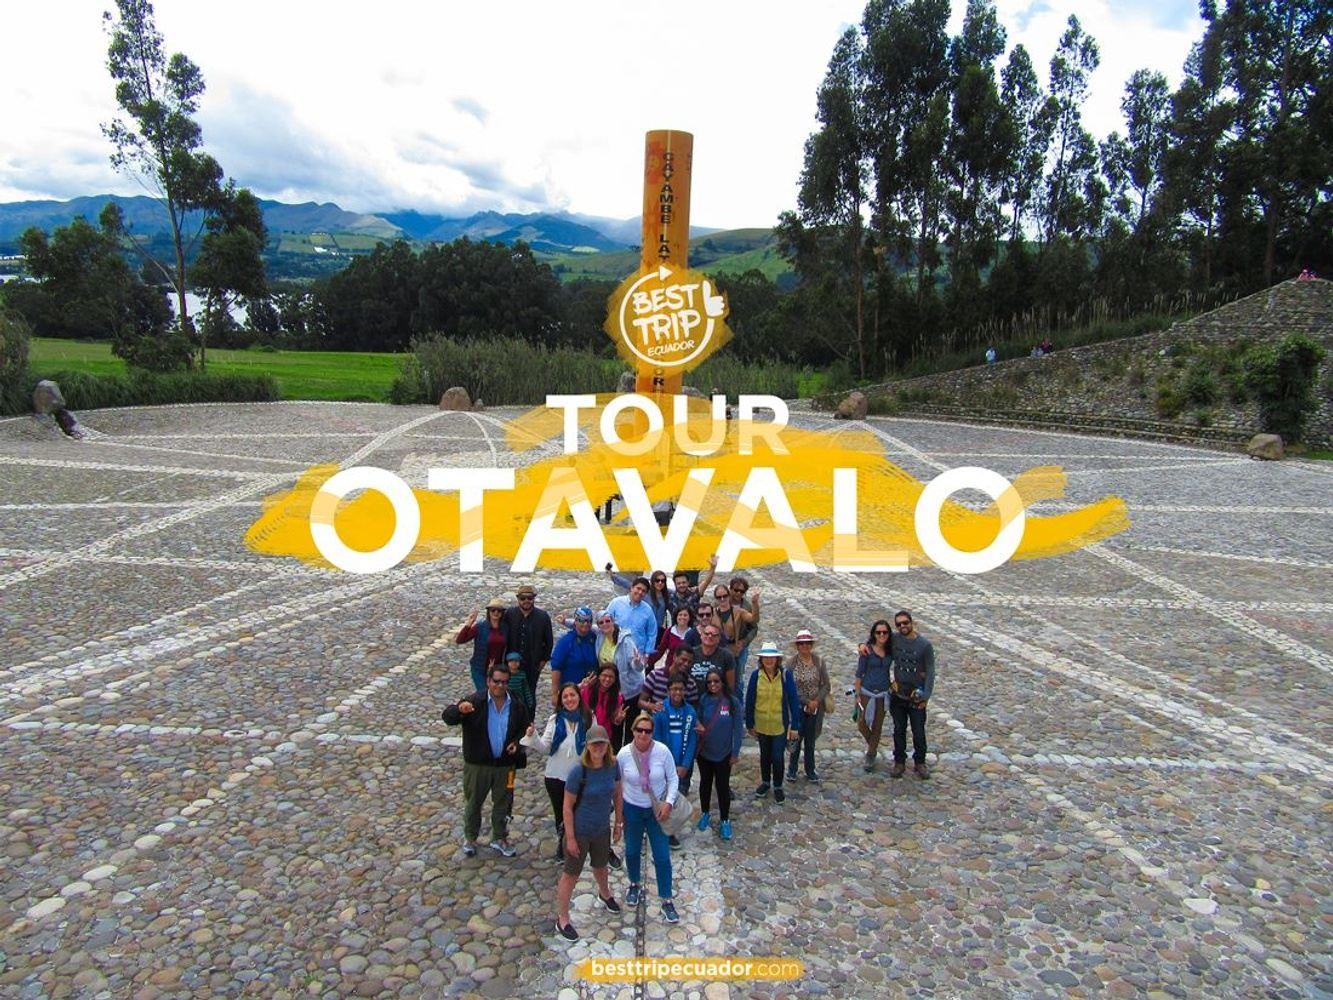 Otavalo Tour